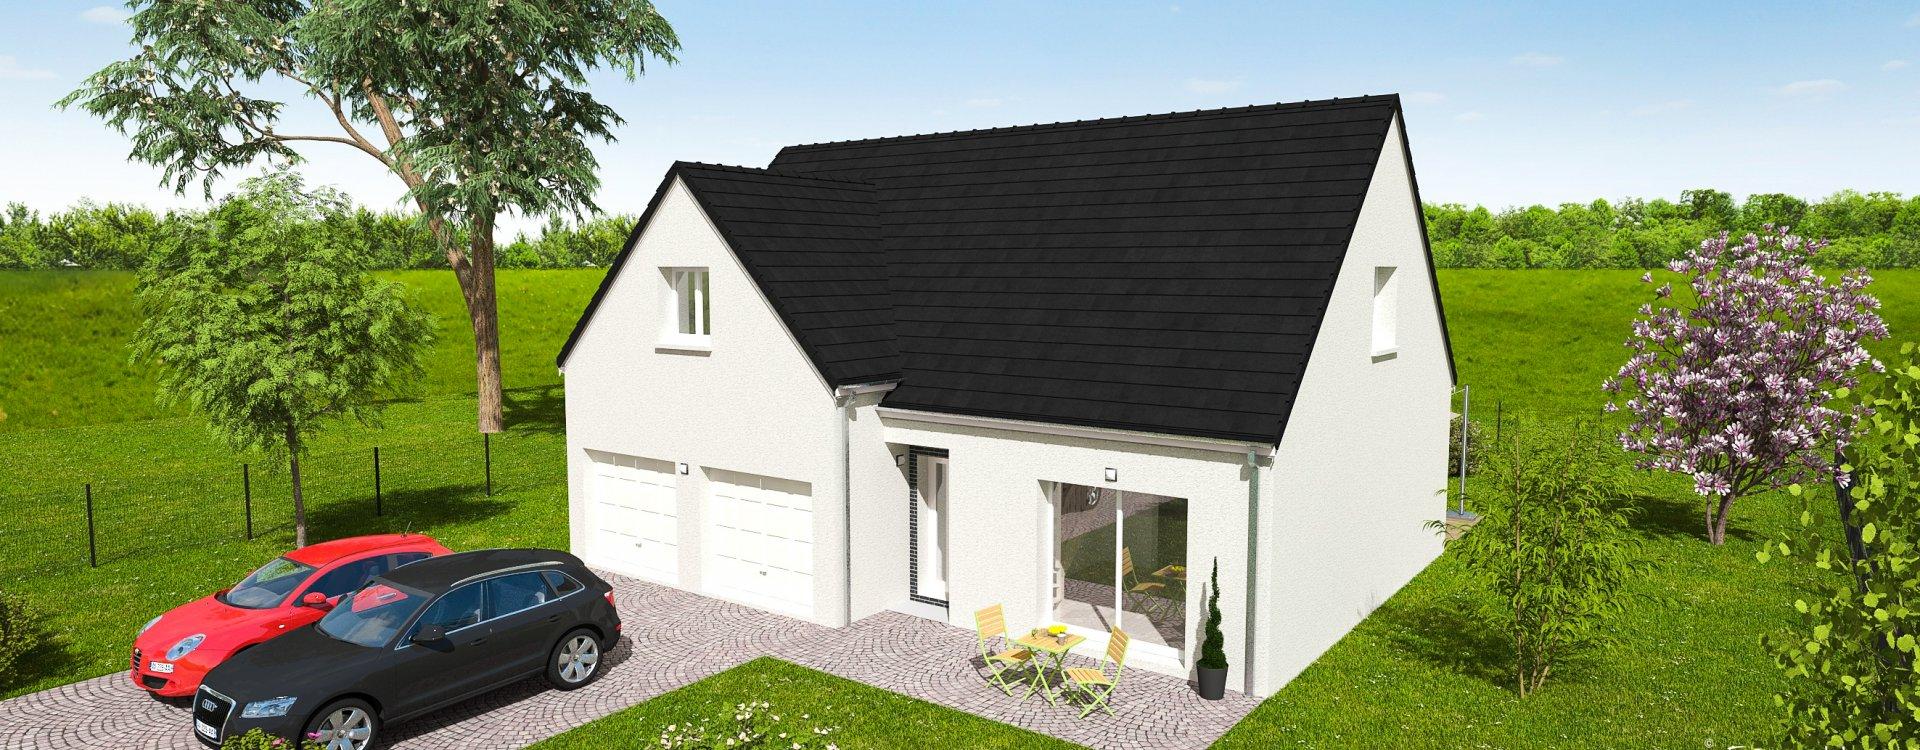 Maisons + Terrains du constructeur EASY HOUSE • 122 m² • CHAINGY